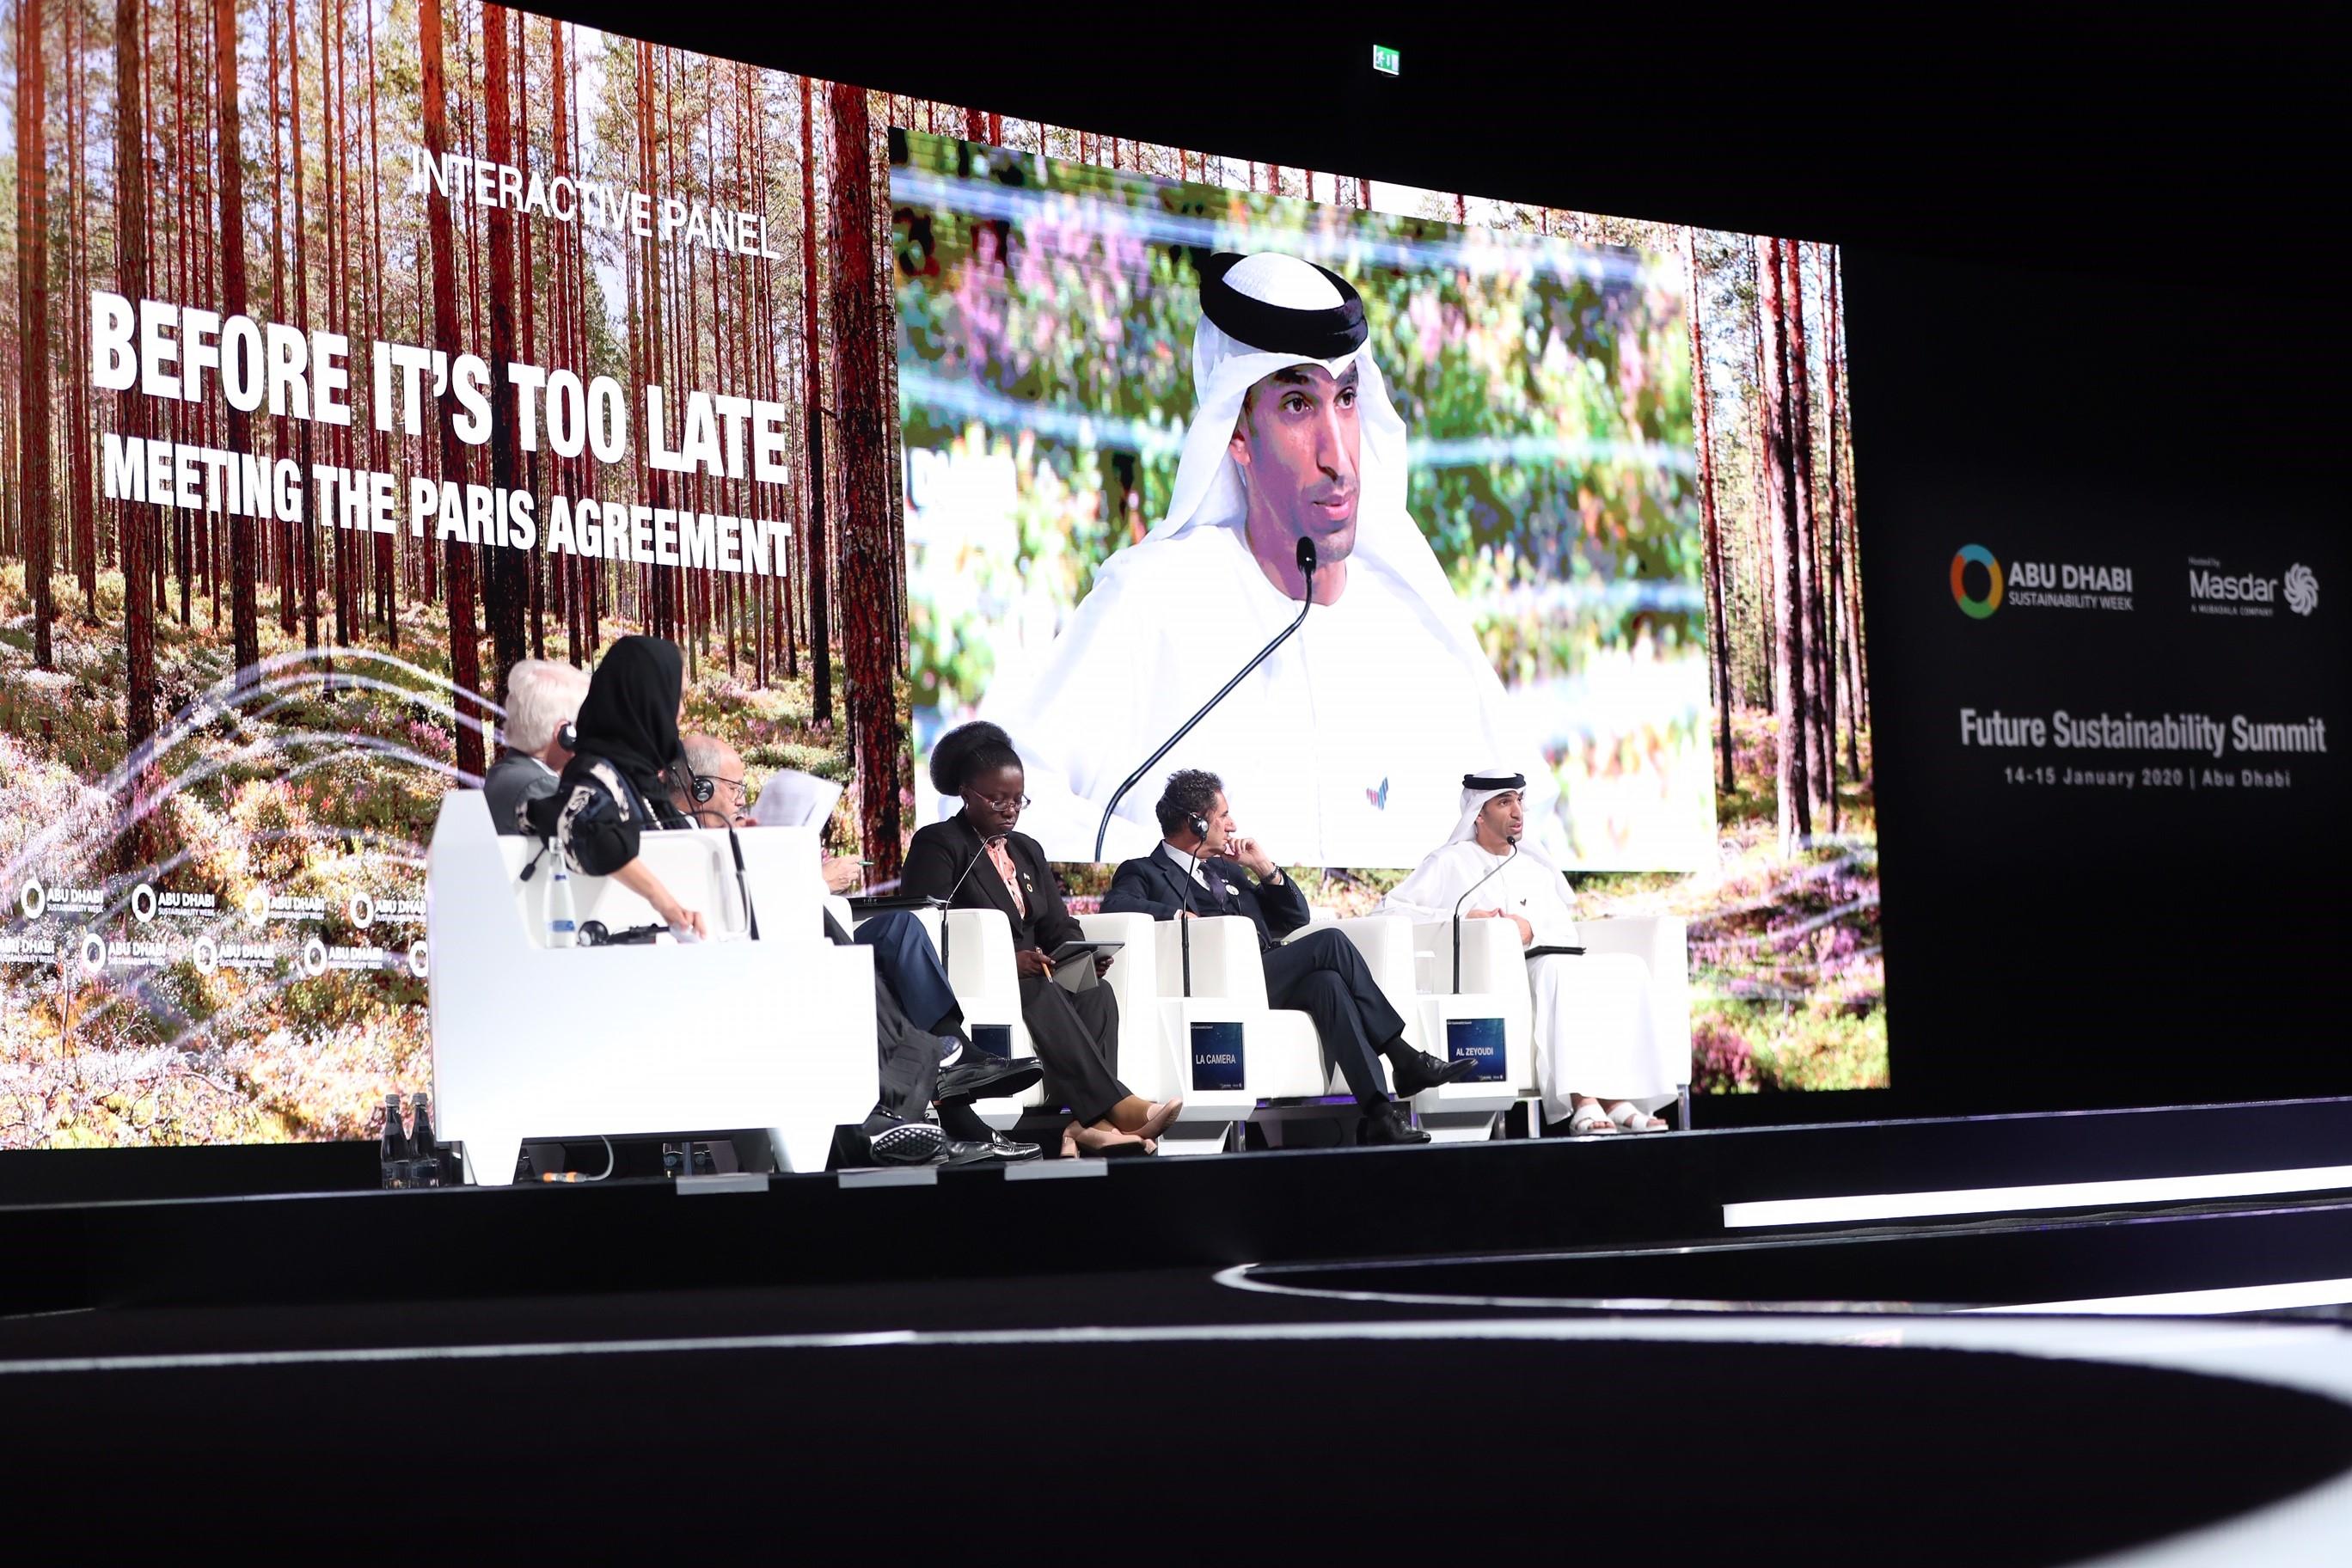 """أبوظبي تستضيف منتدى """"القطب الثالث الهيمالايا"""" 2021 للعمل من أجل المناخ"""